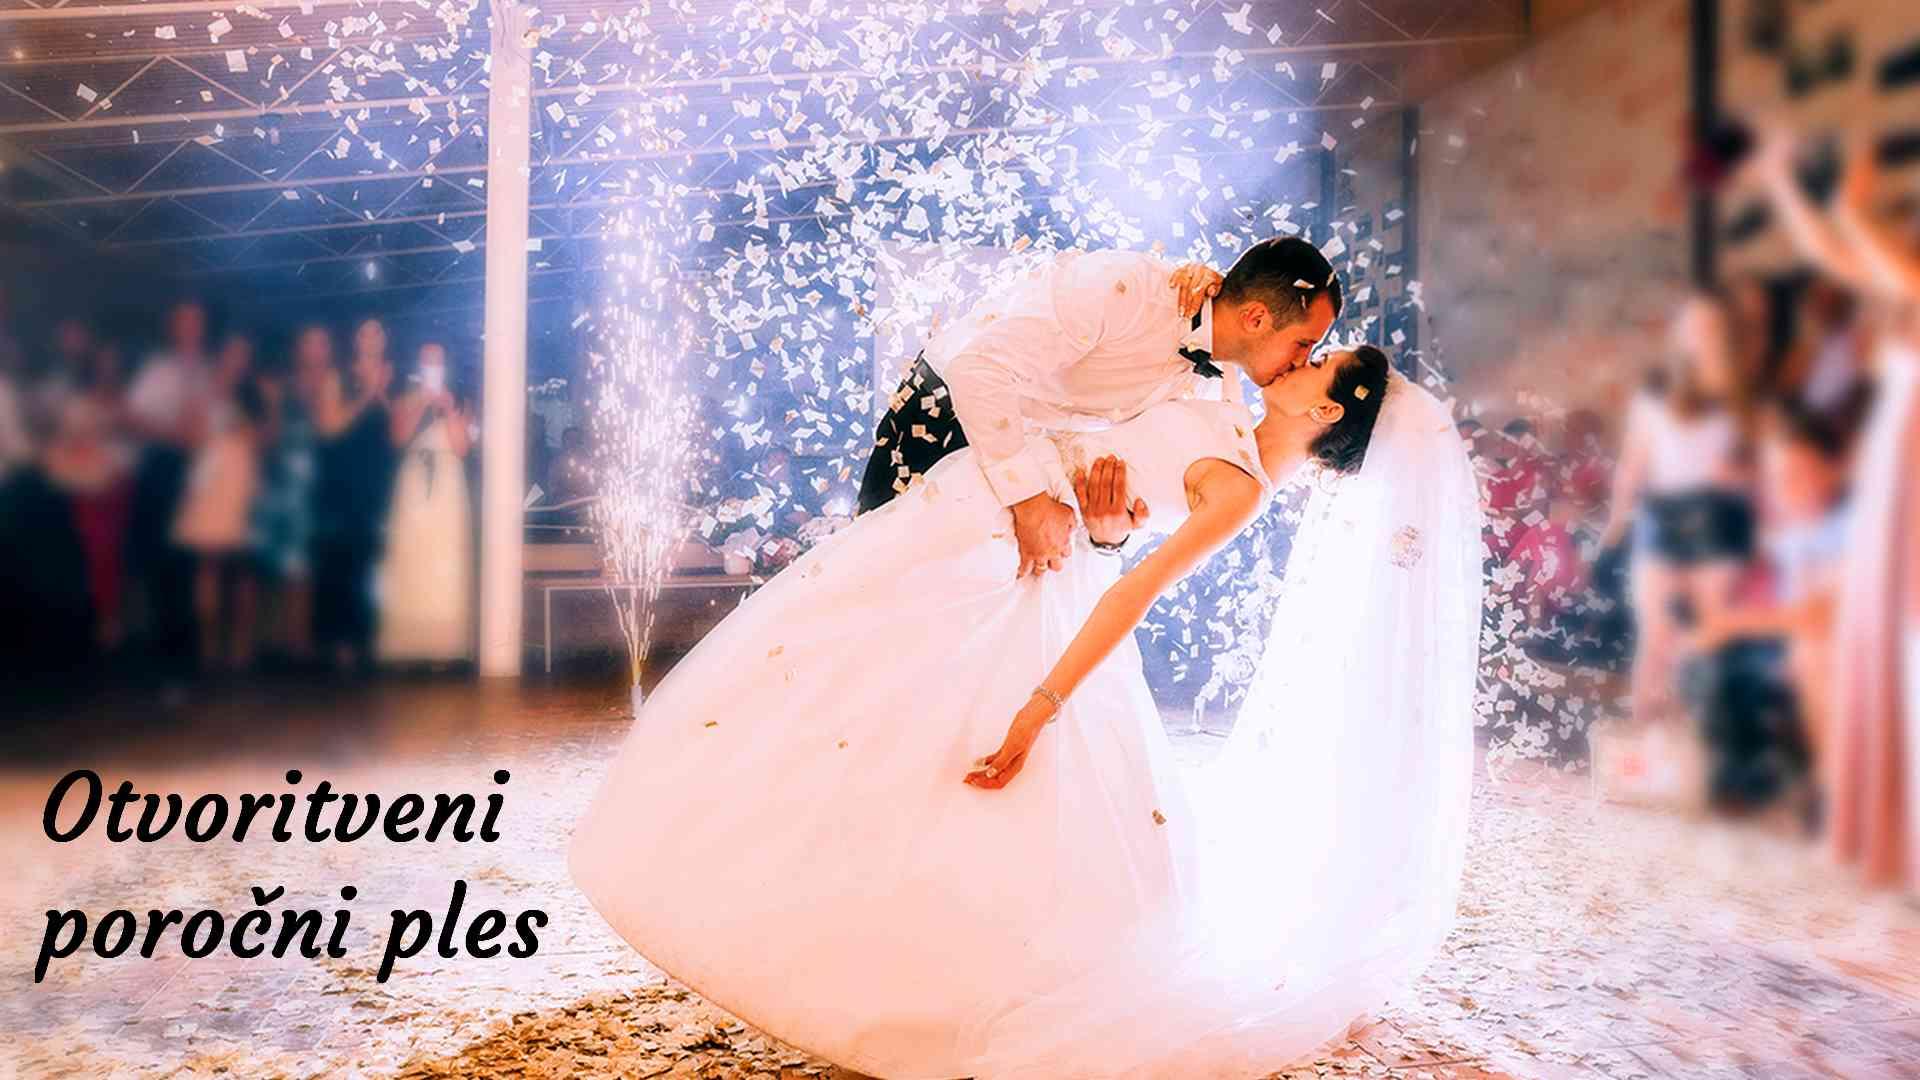 Slovenske pesmi za otvoritveni poročni ples